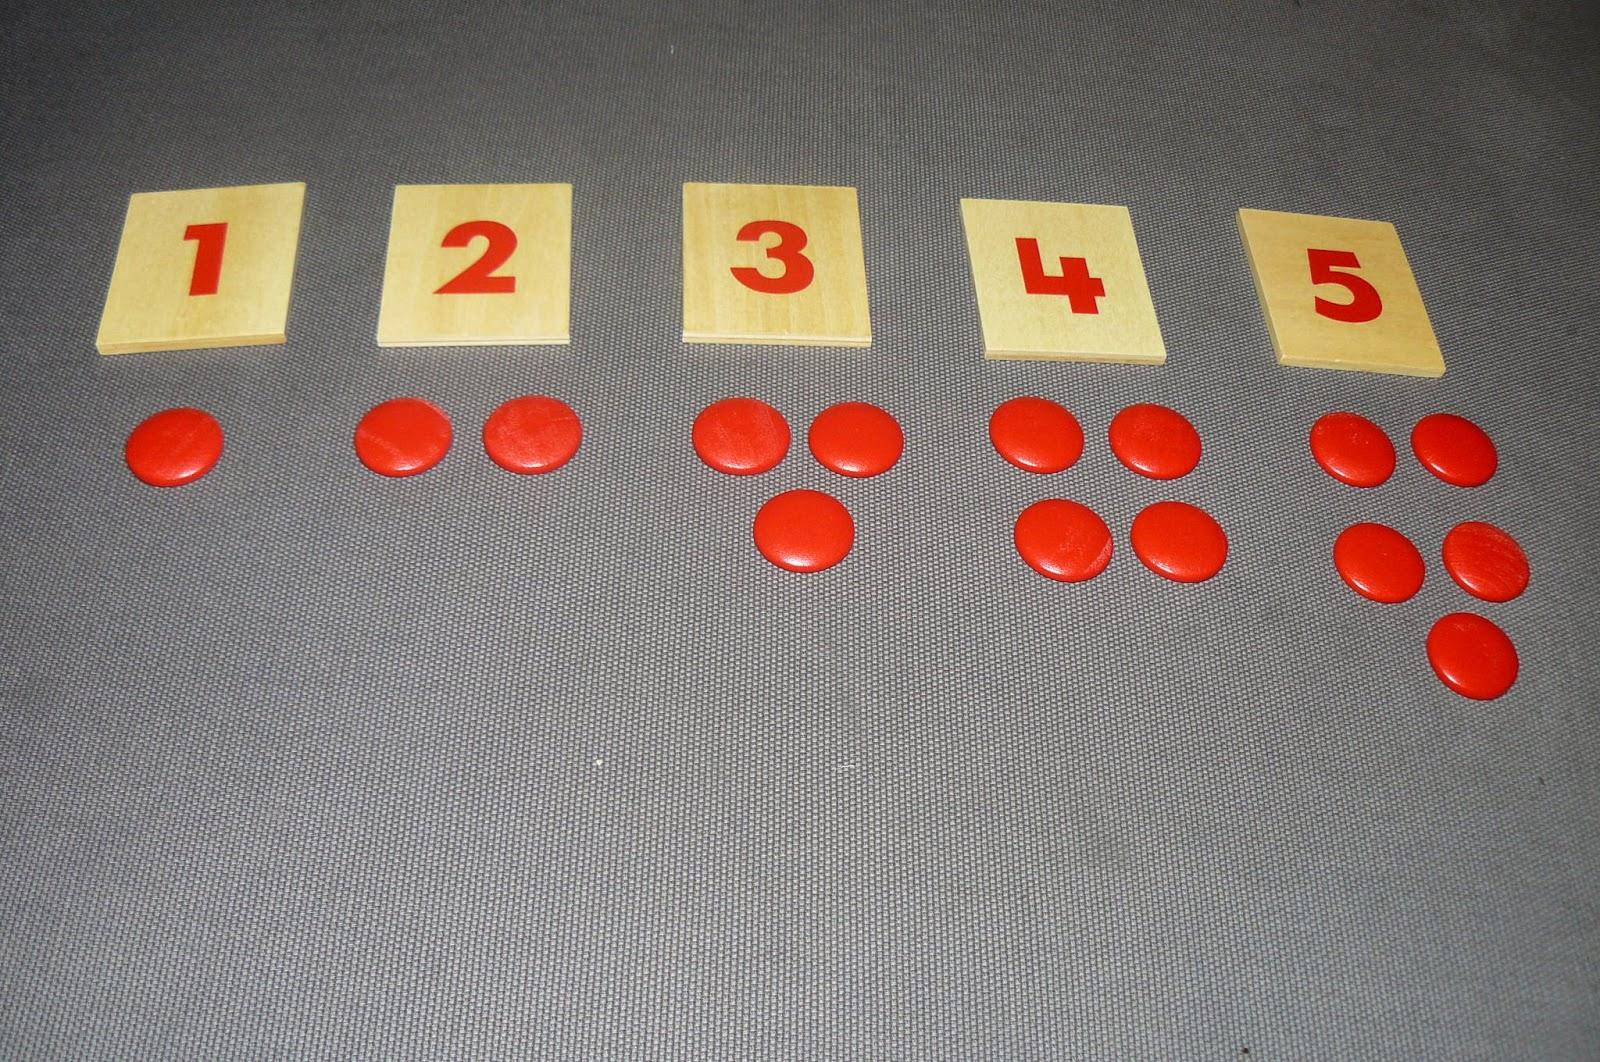 essayer de faire qc konjugieren Konjugation von essayer die konjugationstabelle wurde mit den algorithmen des konjugationshasen erzeugt essayer de faire qc konjugieren apa style american essay.